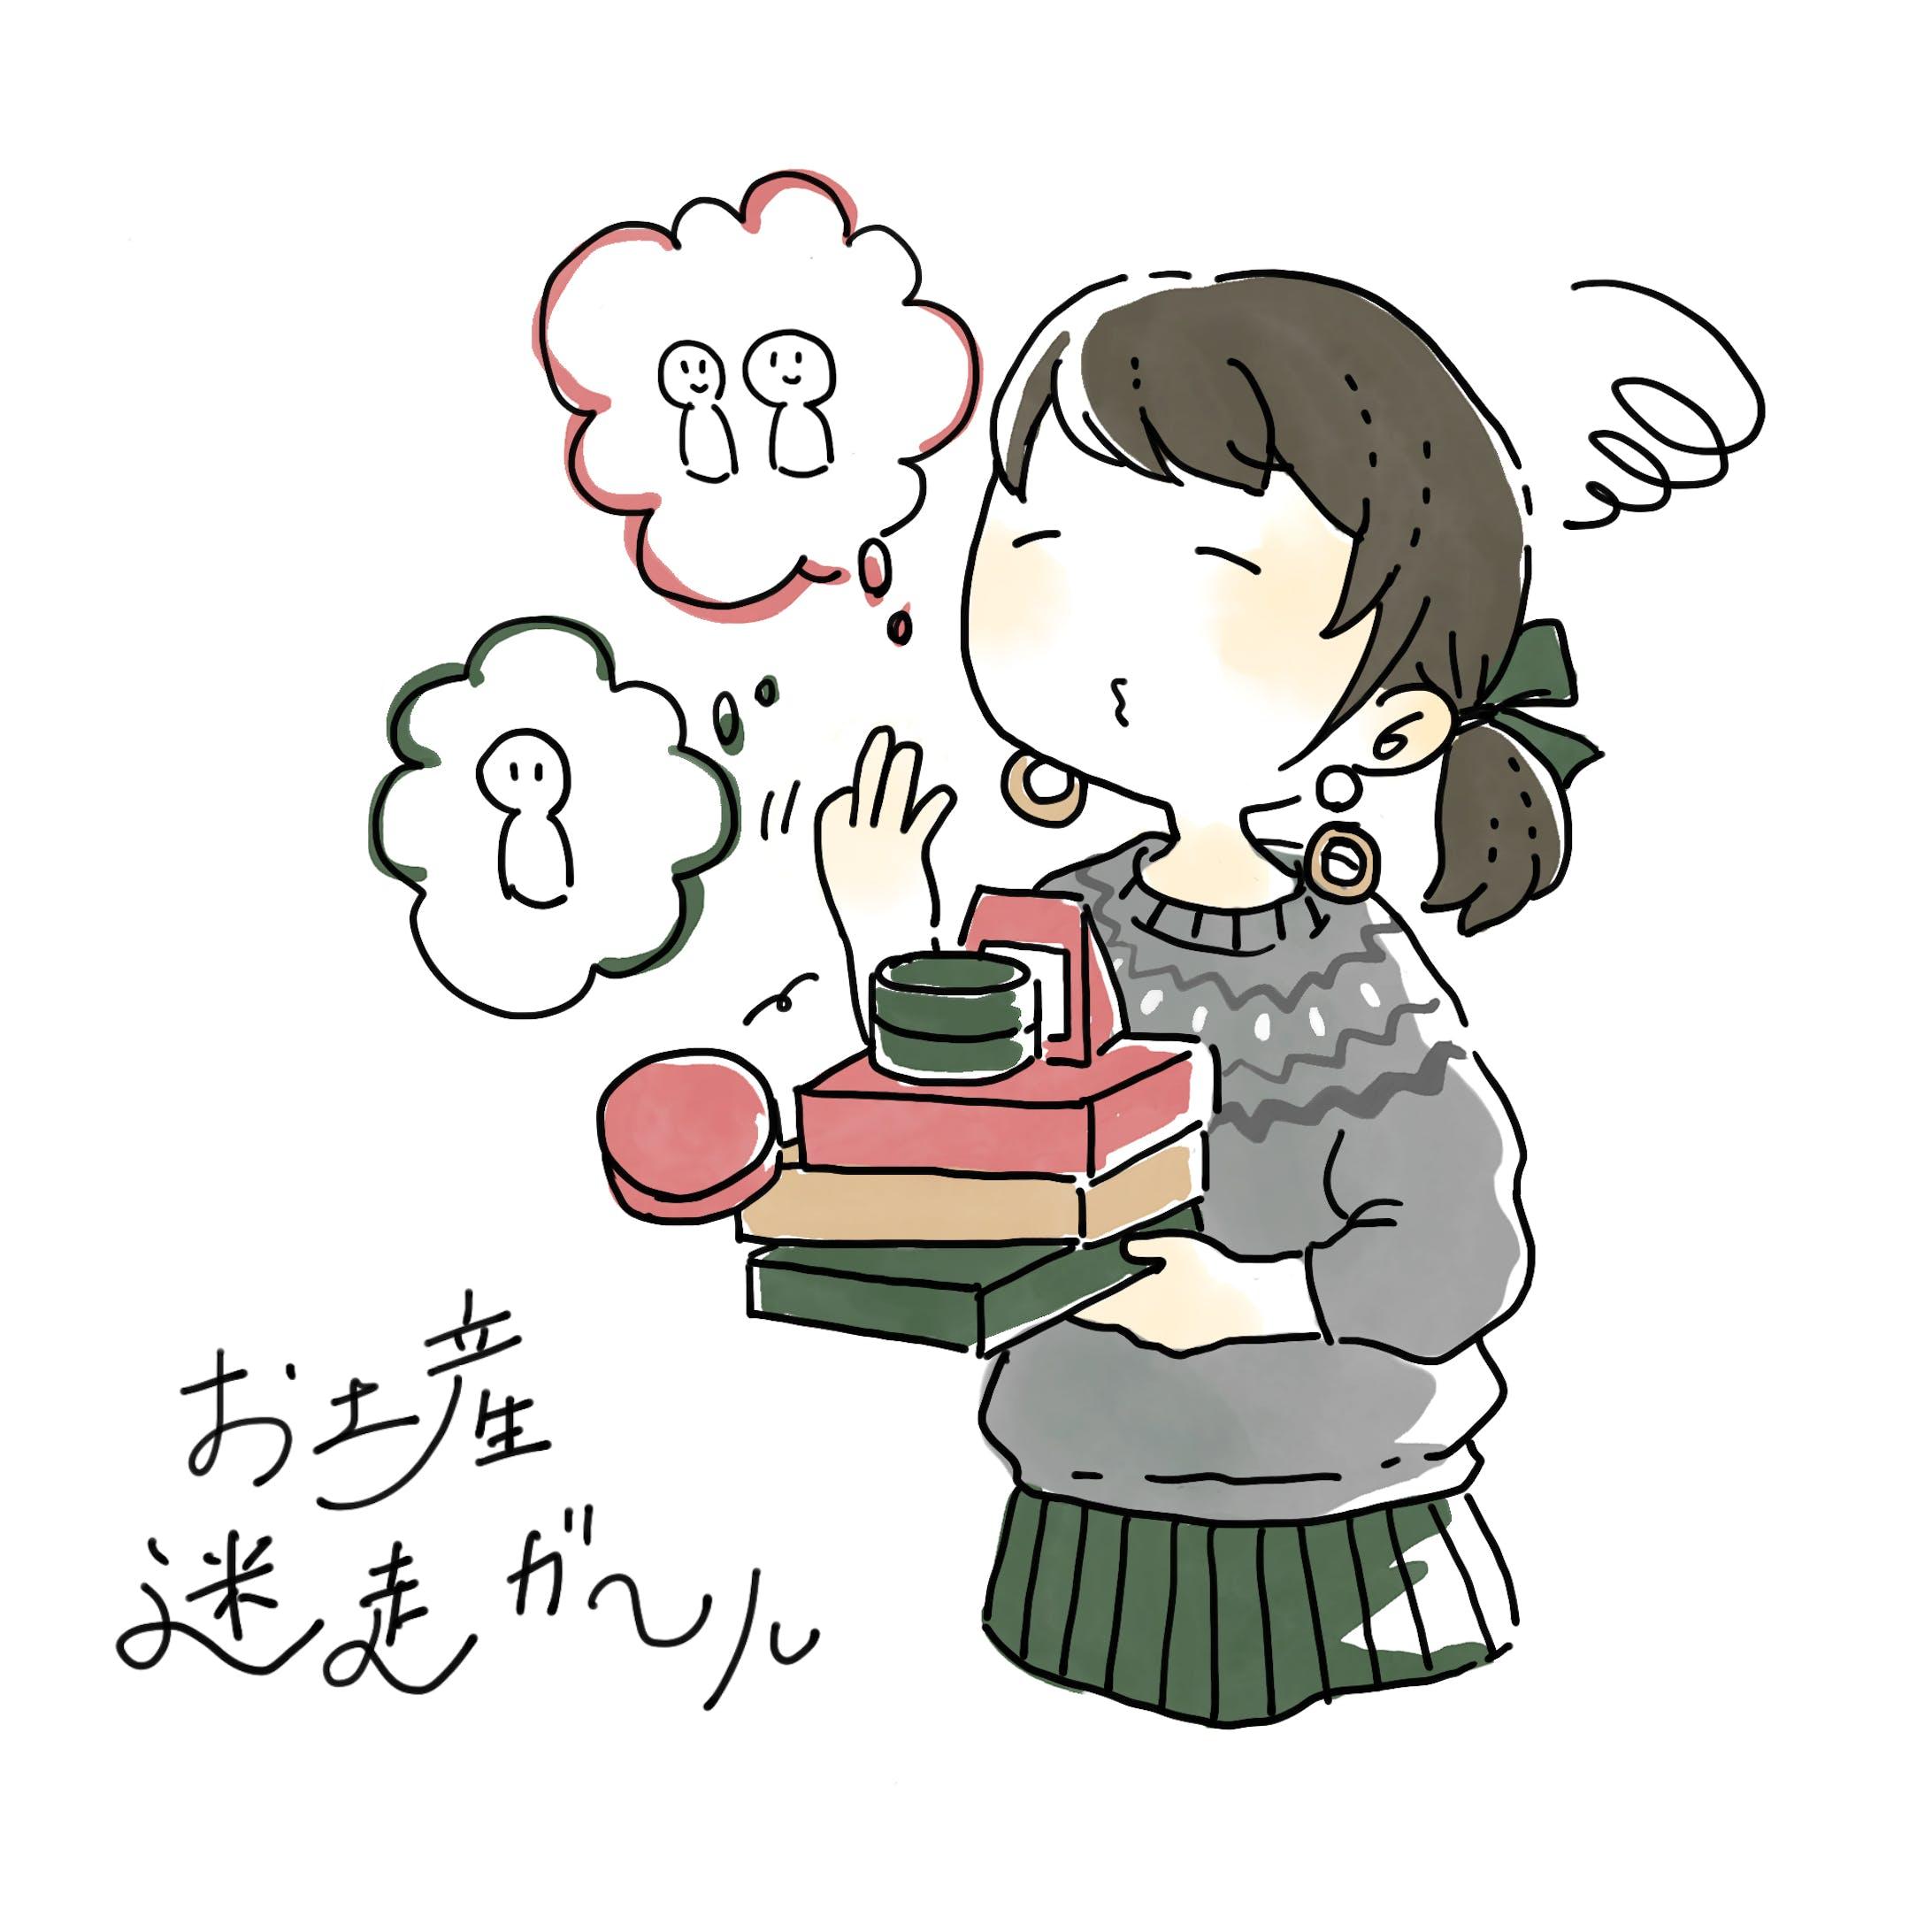 【イラスト】ぶきっちょガール-15